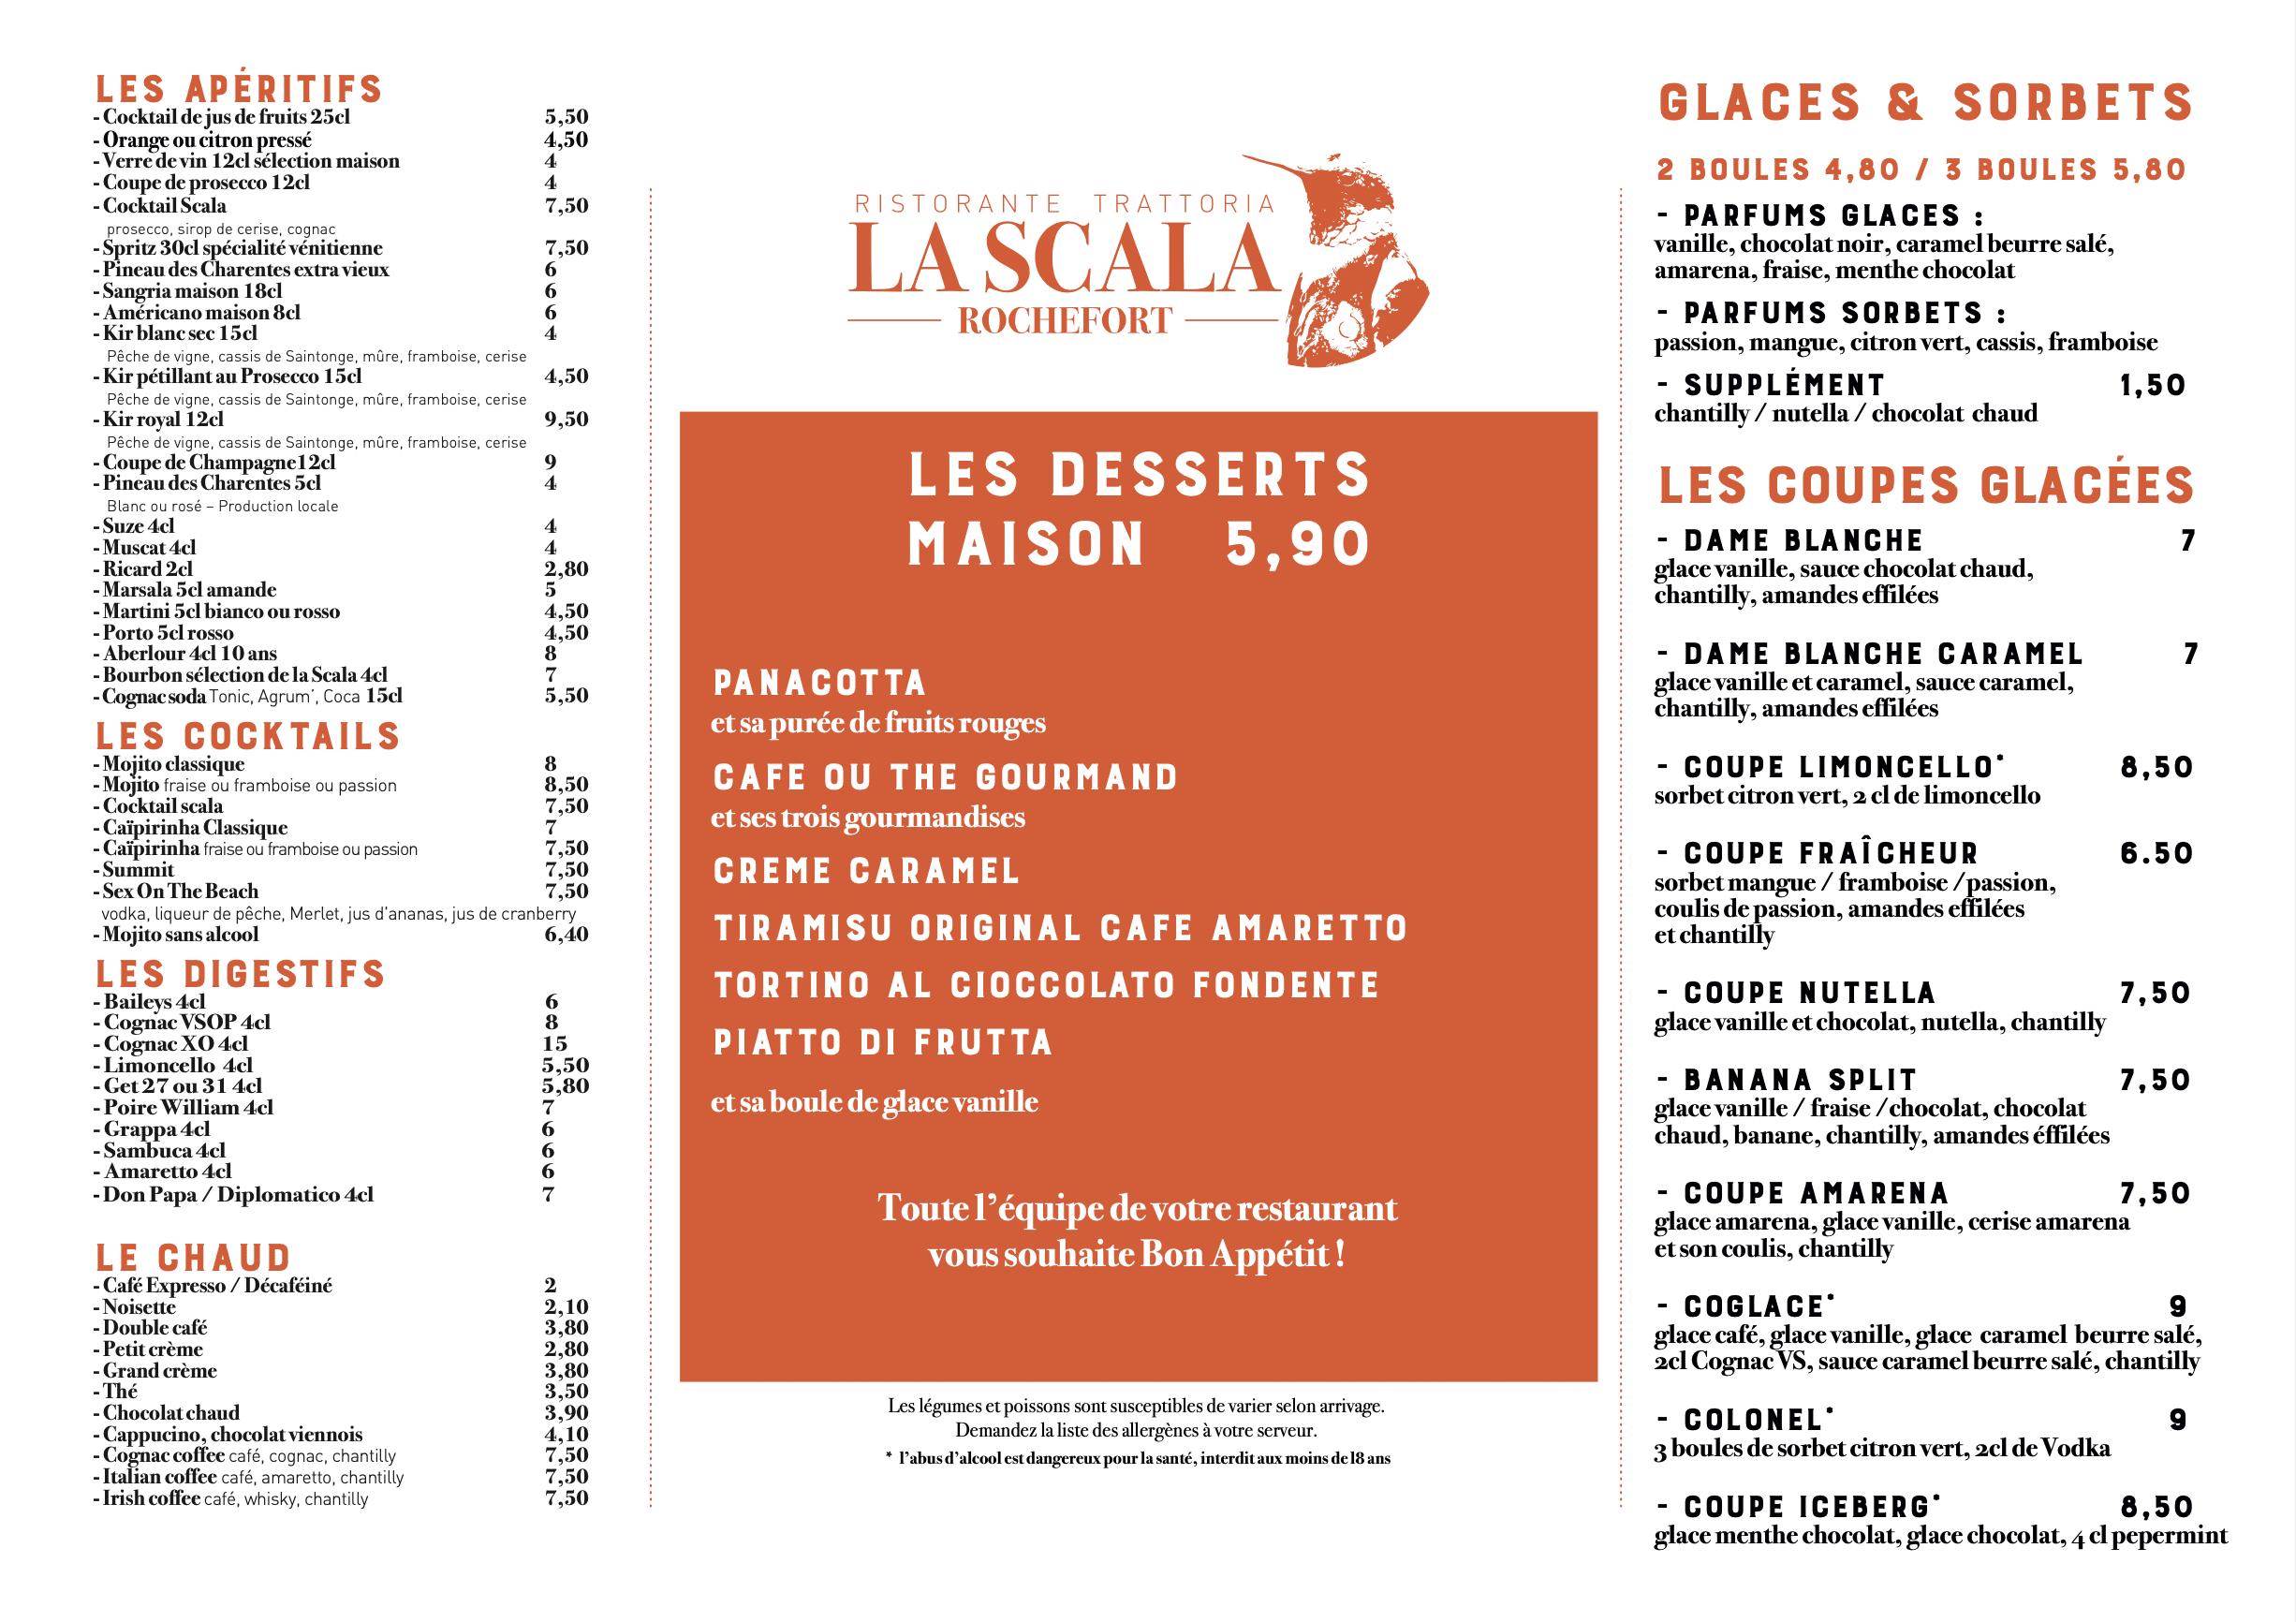 Carte La Scala Rochefort 4